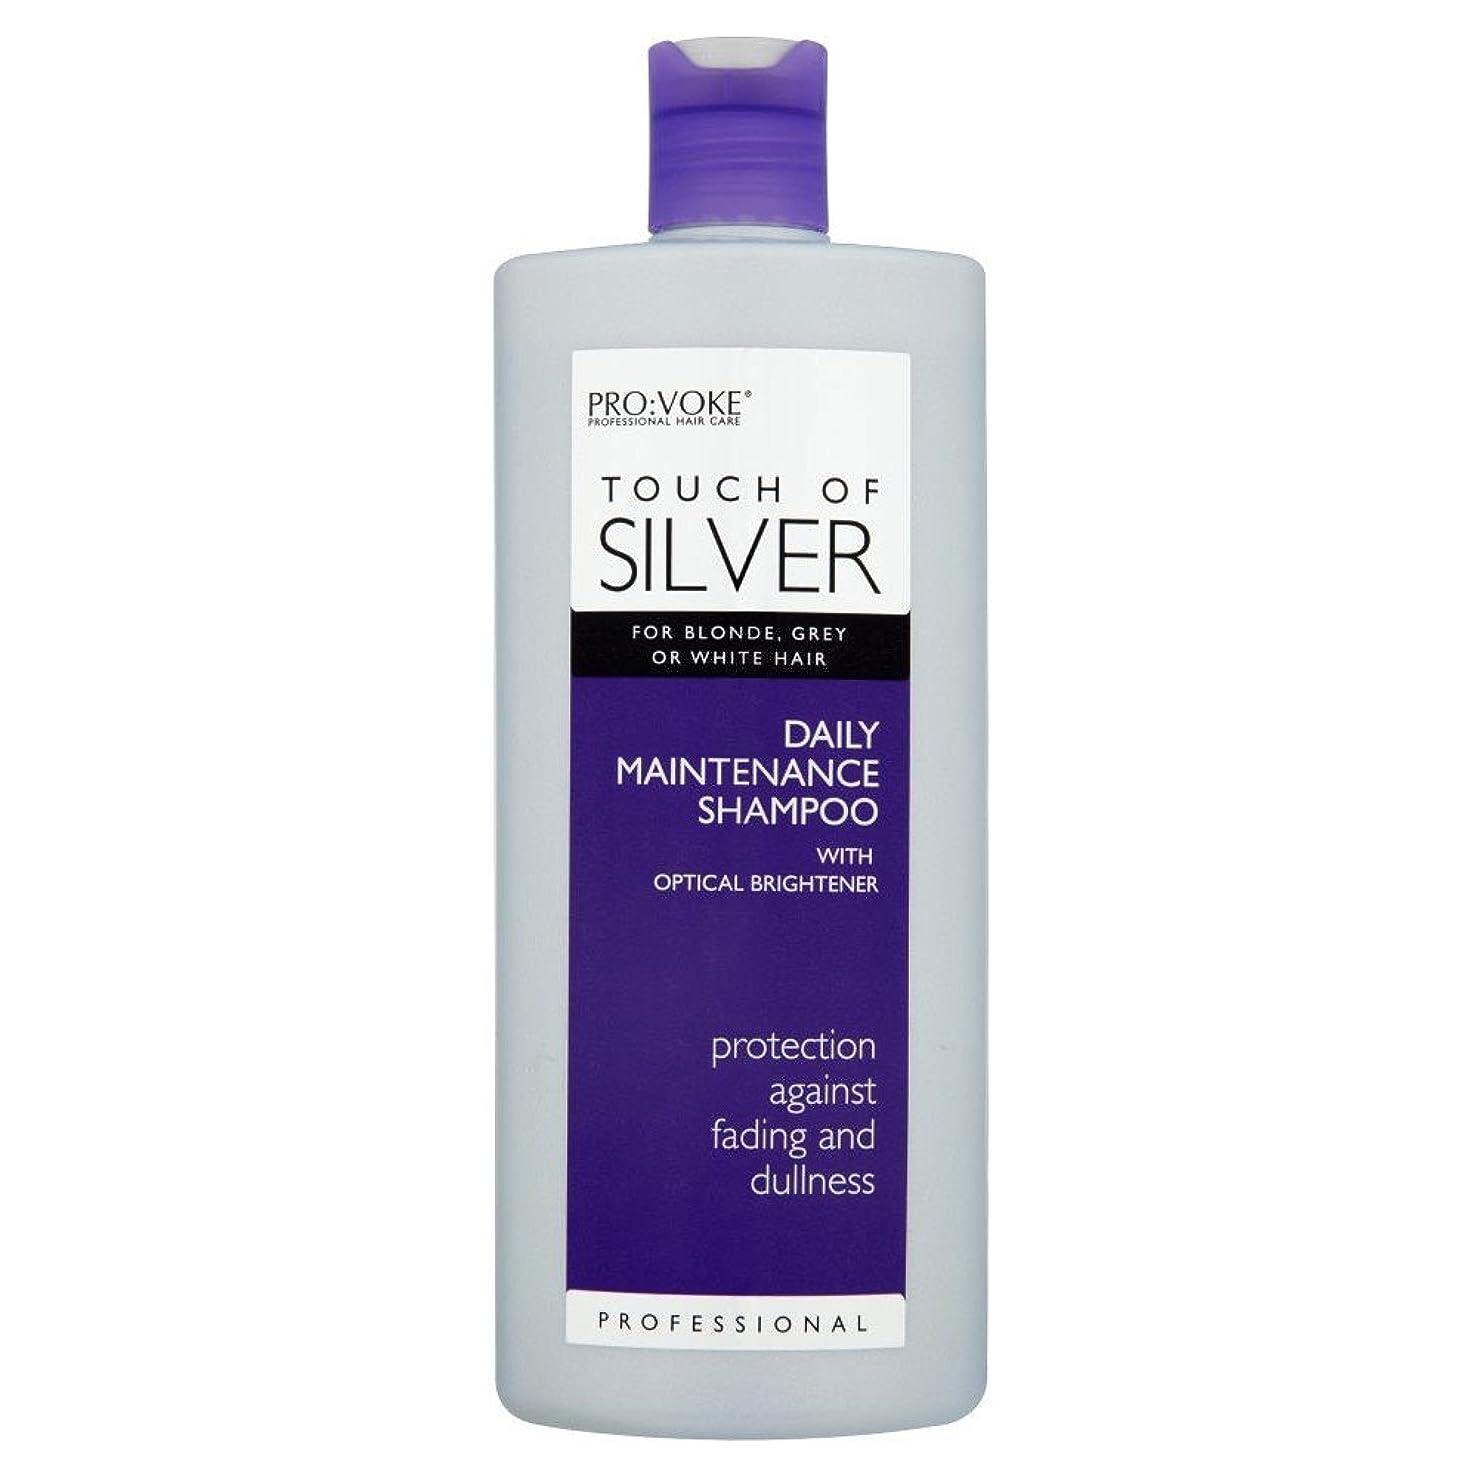 未知の大学生教養があるPro:voke Touch of Silver Daily Maintenance Shampoo (400ml) プロ:銀日常のメンテナンスシャンプーのvokeタッチ( 400ミリリットル) [並行輸入品]